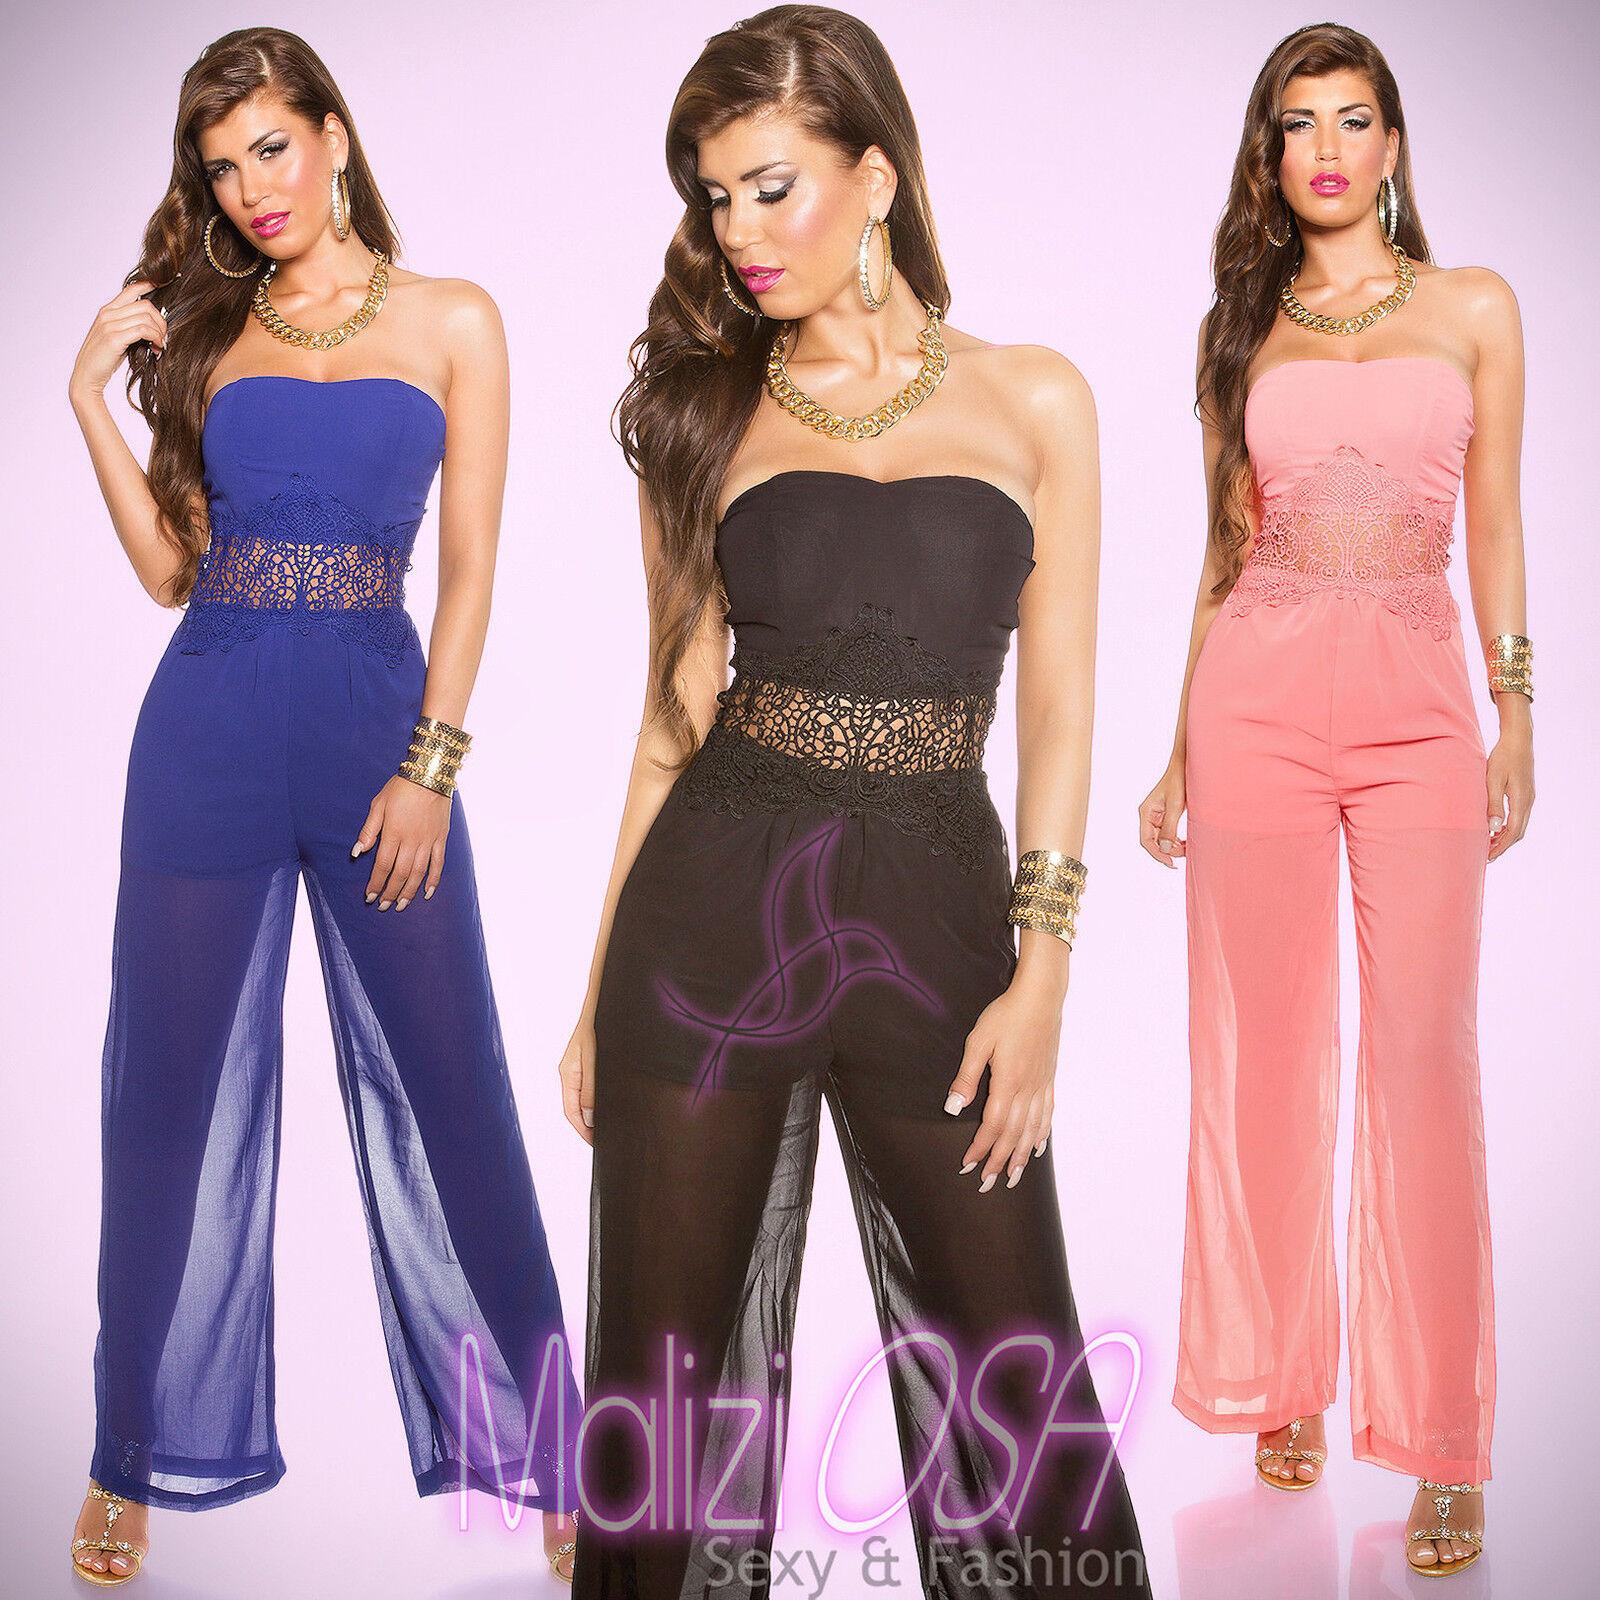 Tuta Elegante donna Overall intera jumpsuit Pizzo Trasparente foderata  MaliziOSA 2ea0a4011e6